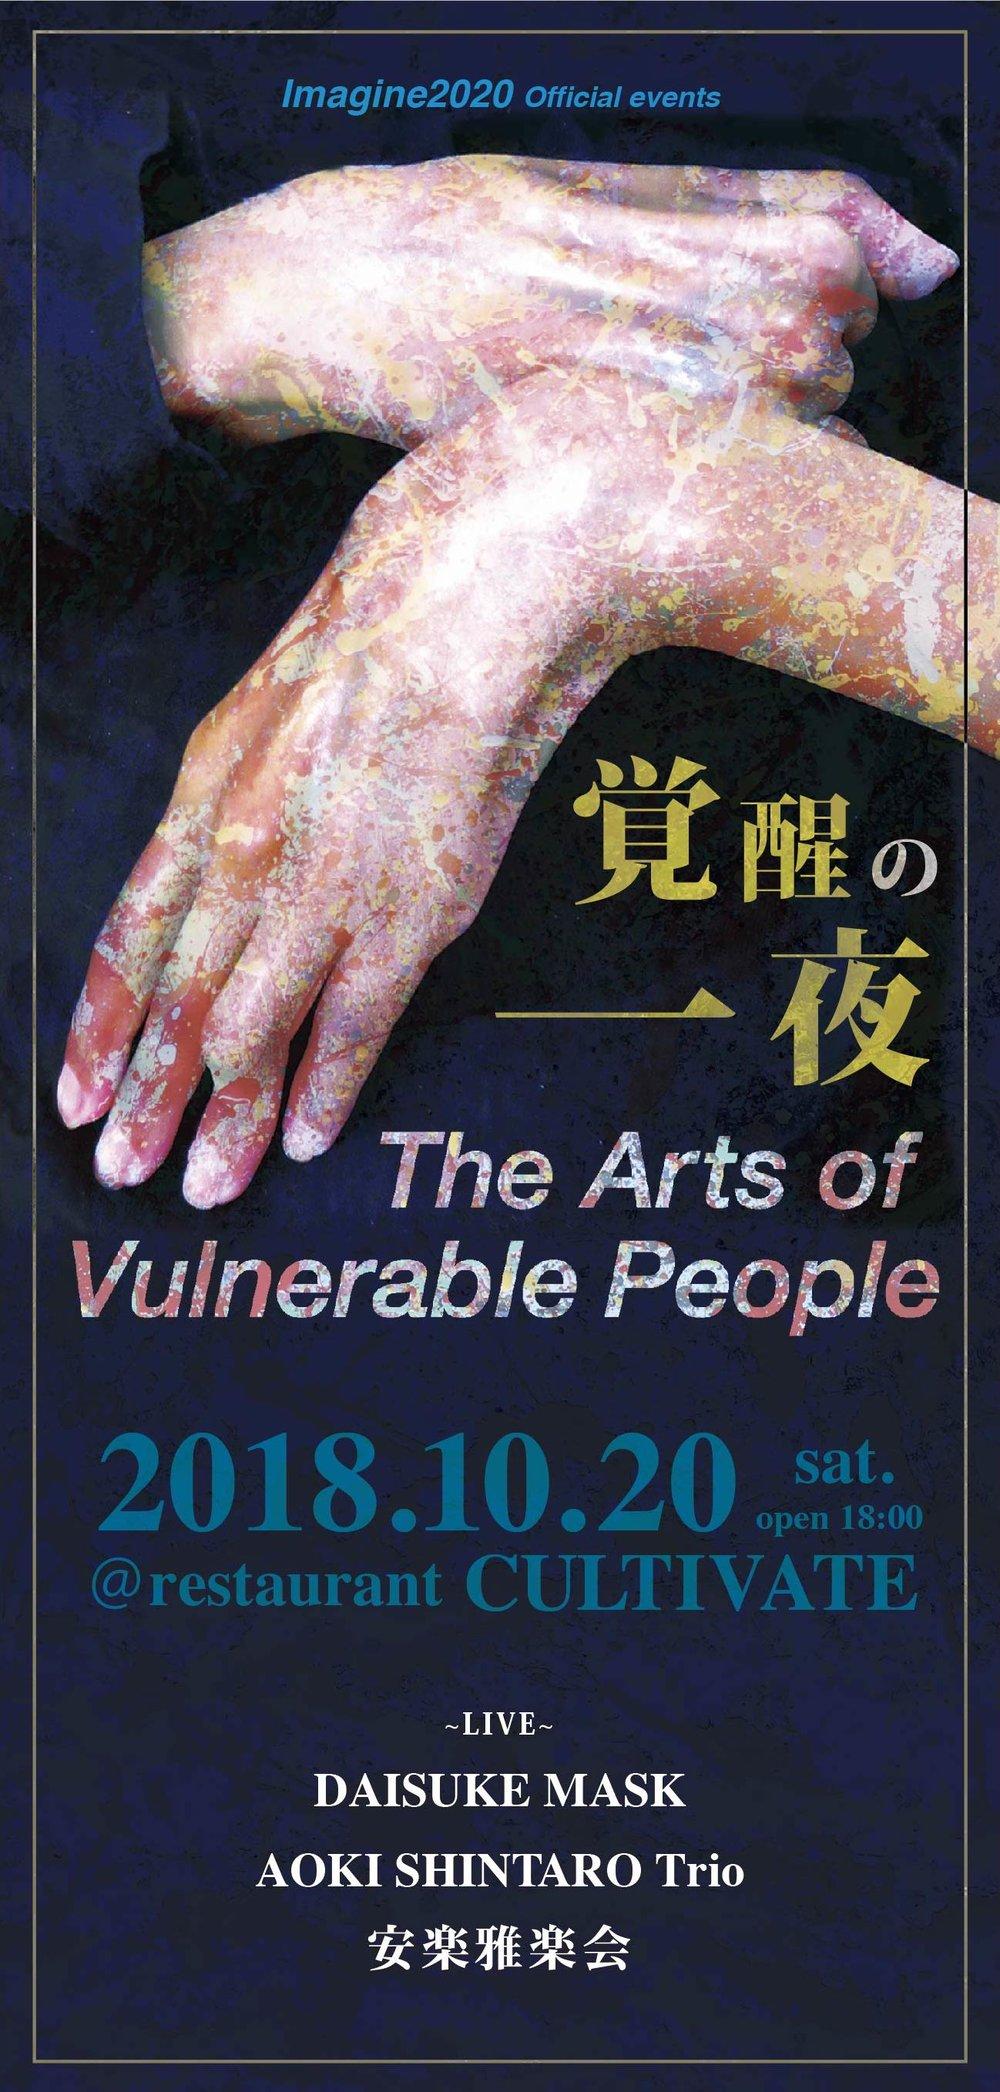 kakusei_vol01_2018.jpg